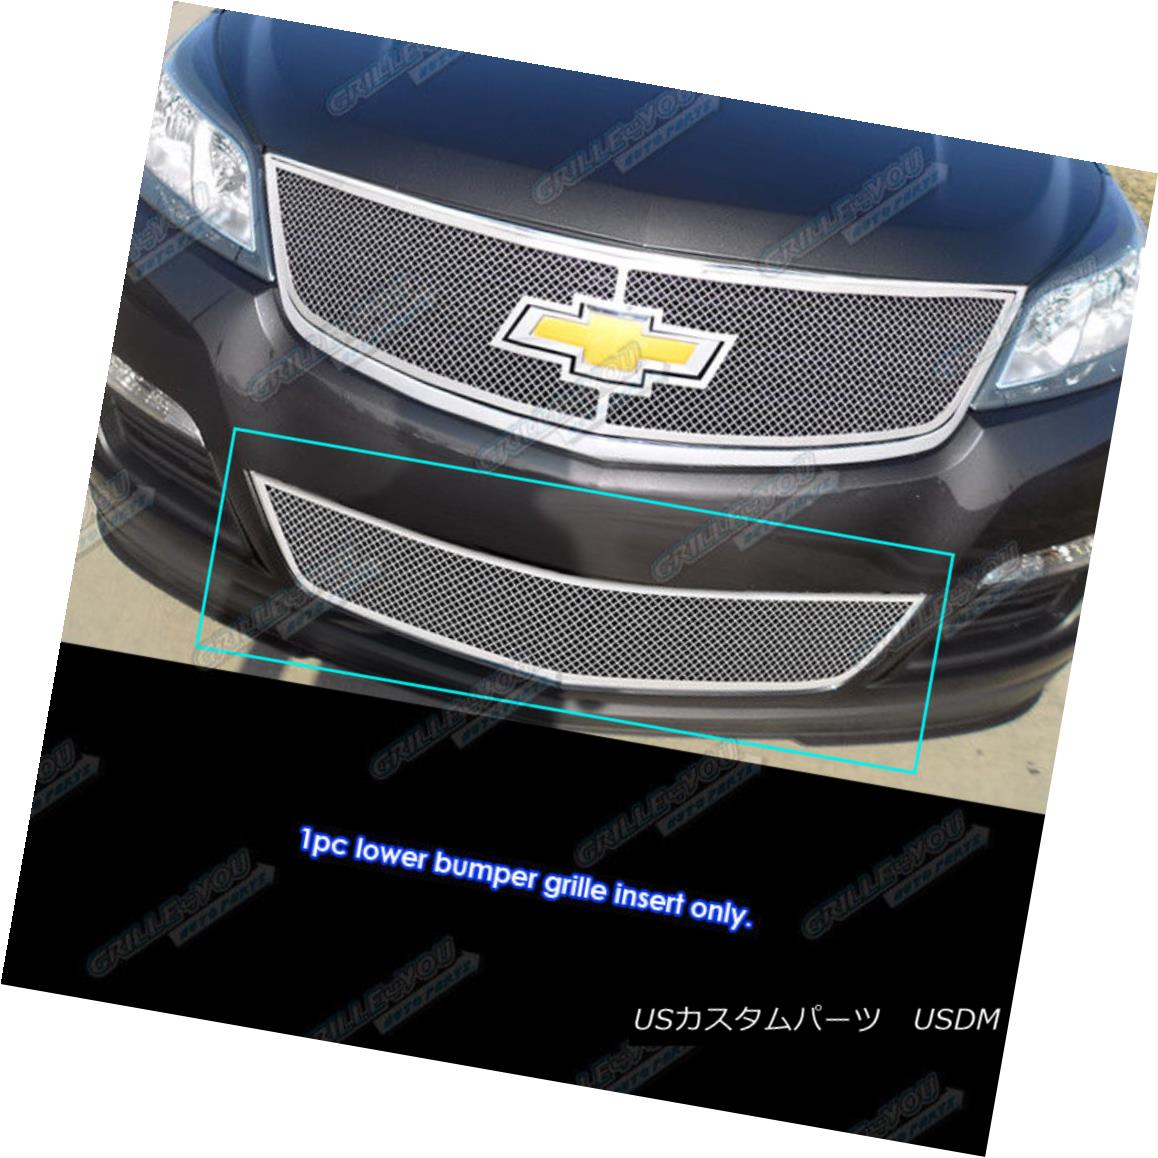 グリル Fits 2013-2016 Chevy Traverse Stainless Steel Bumper Mesh Grille Insert フィット2013-2016シボレートラバースステンレスバンパーメッシュグリルインサート